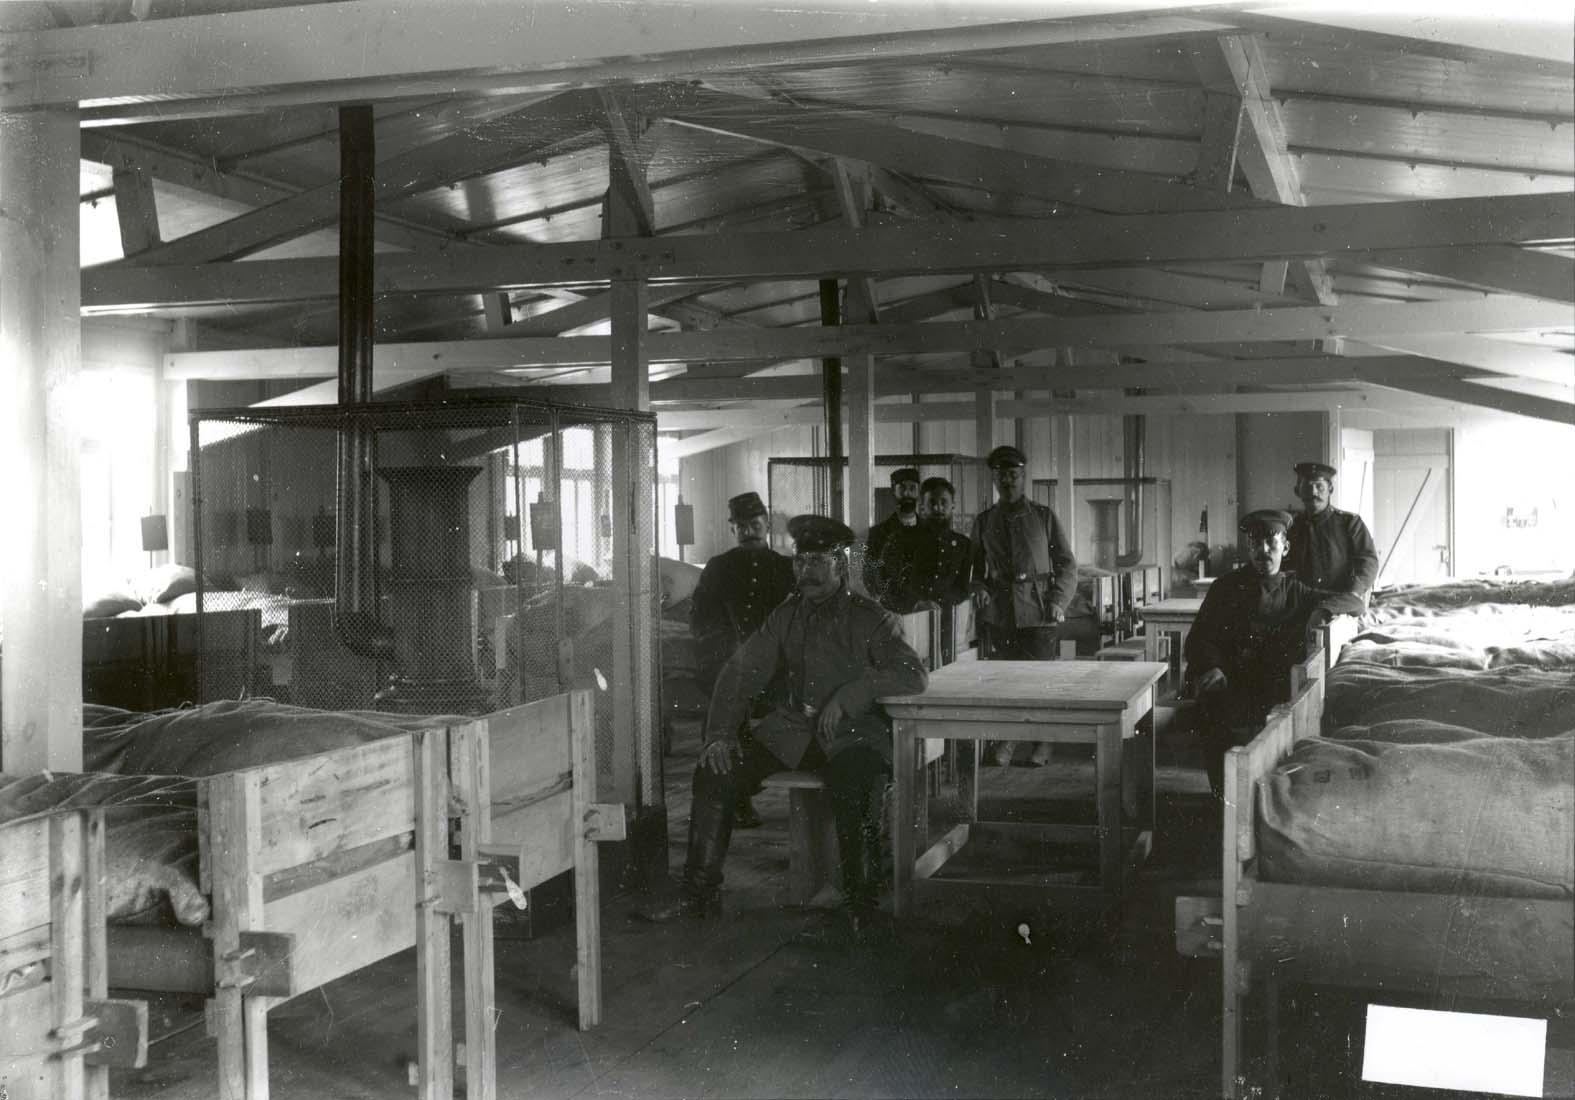 Intérieur d'une baraque